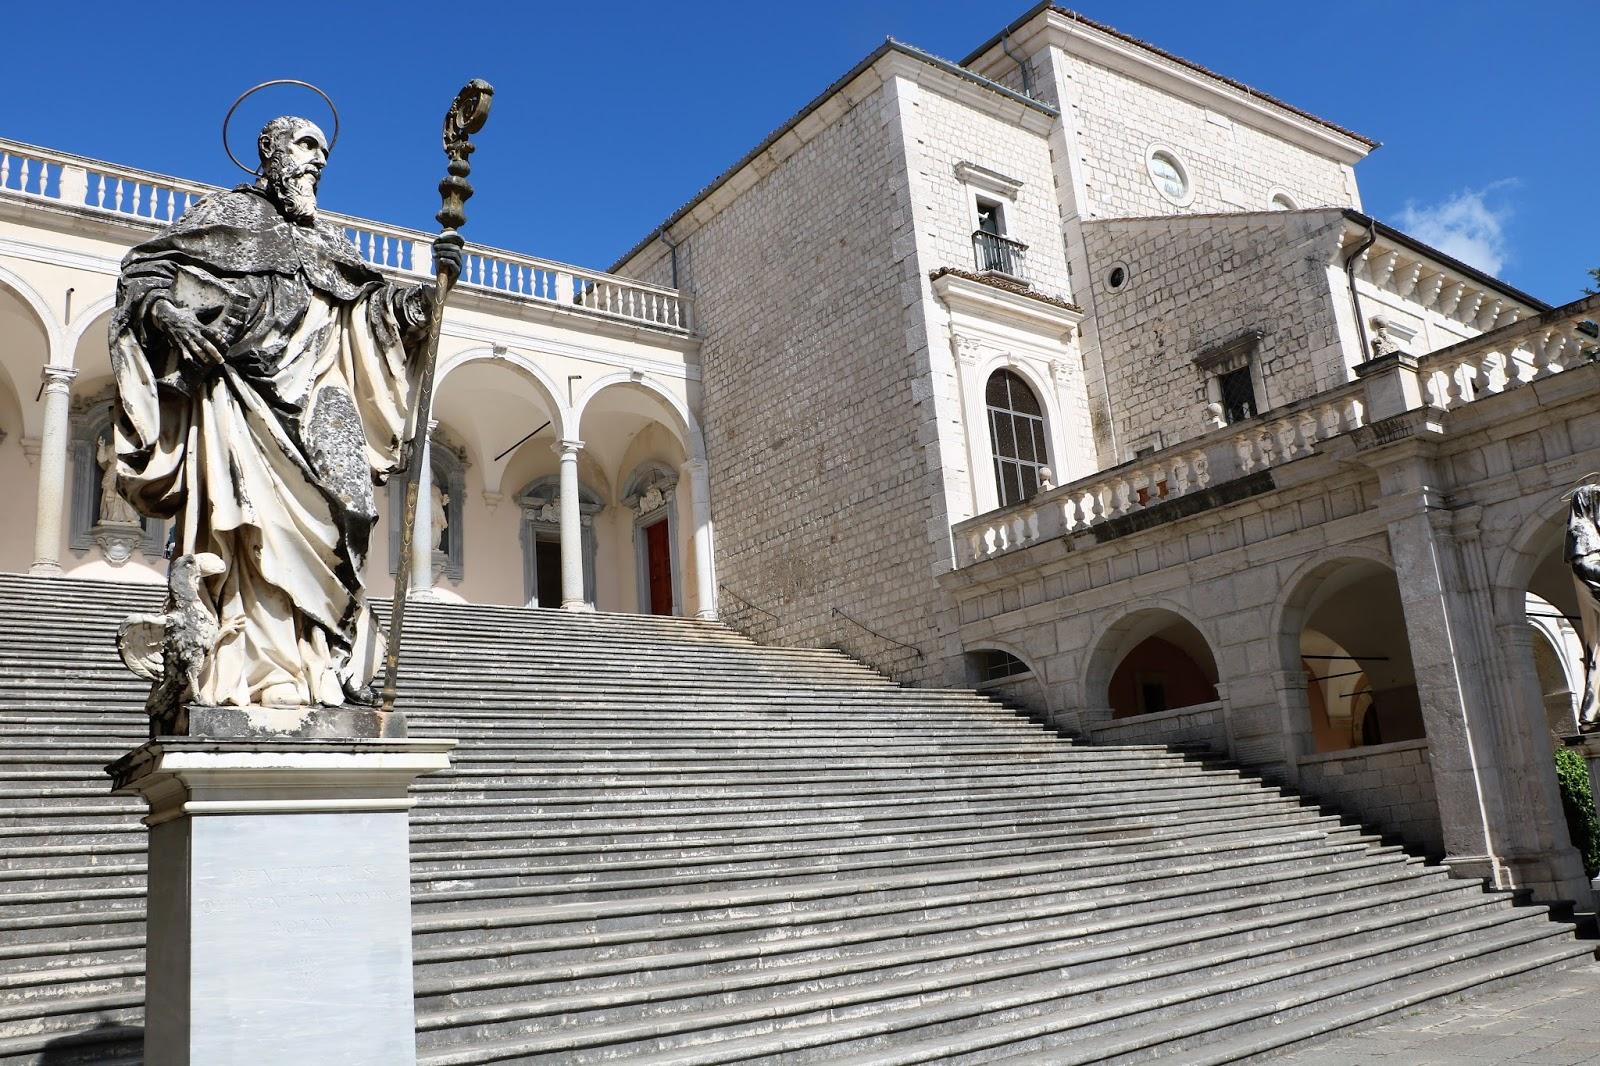 Viaggi con ricordi l 39 abbazia di montecassino for Aggiornare le colonne del portico